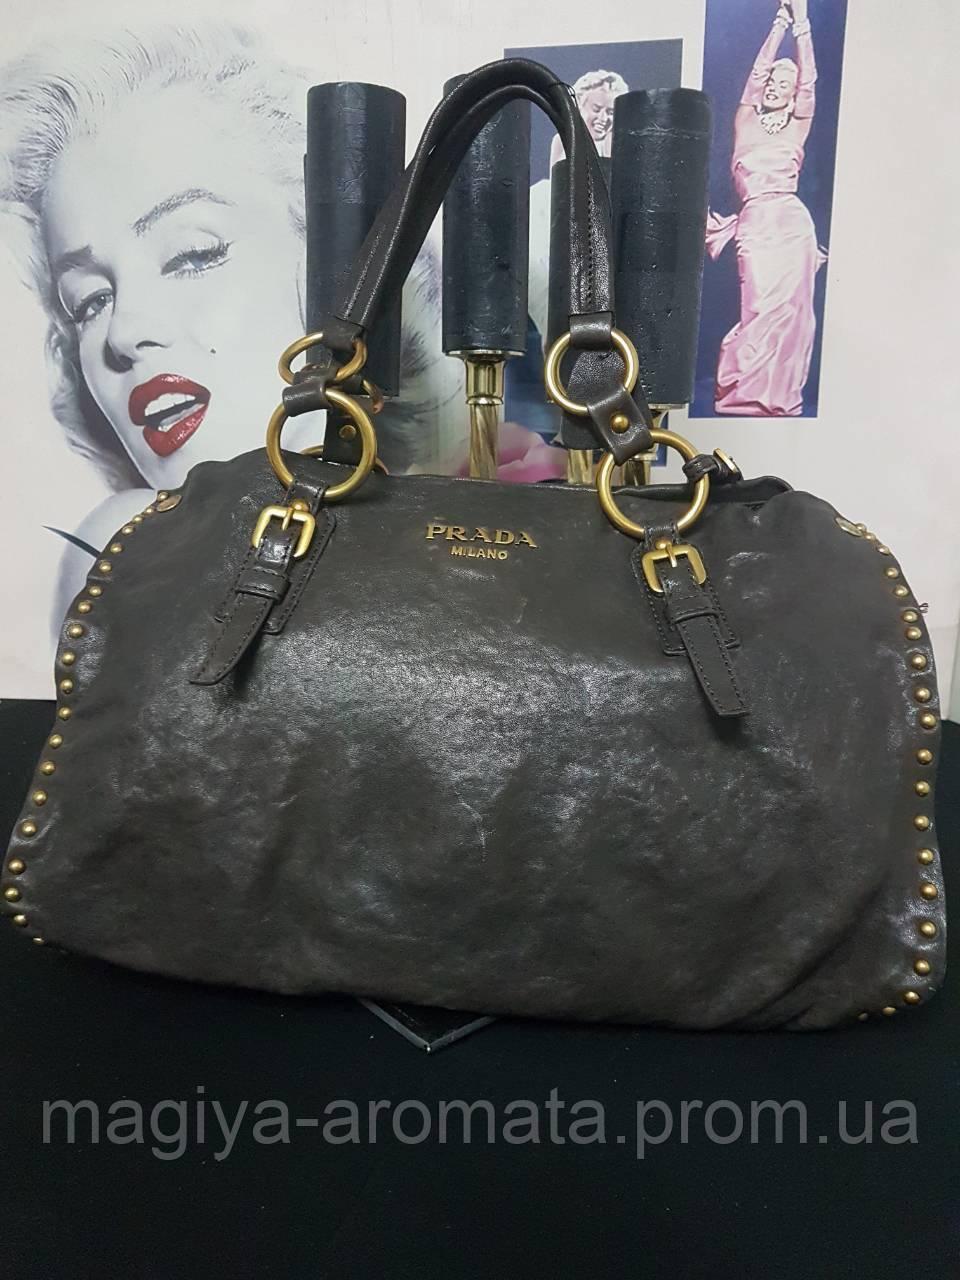 19a63ff3e82b сумки Прада Сумка PRADA сумка большая шикарная оригинал.кожа дорожная сумка,  цена 10 250 грн., купить в Киеве — Prom.ua (ID#889522856)